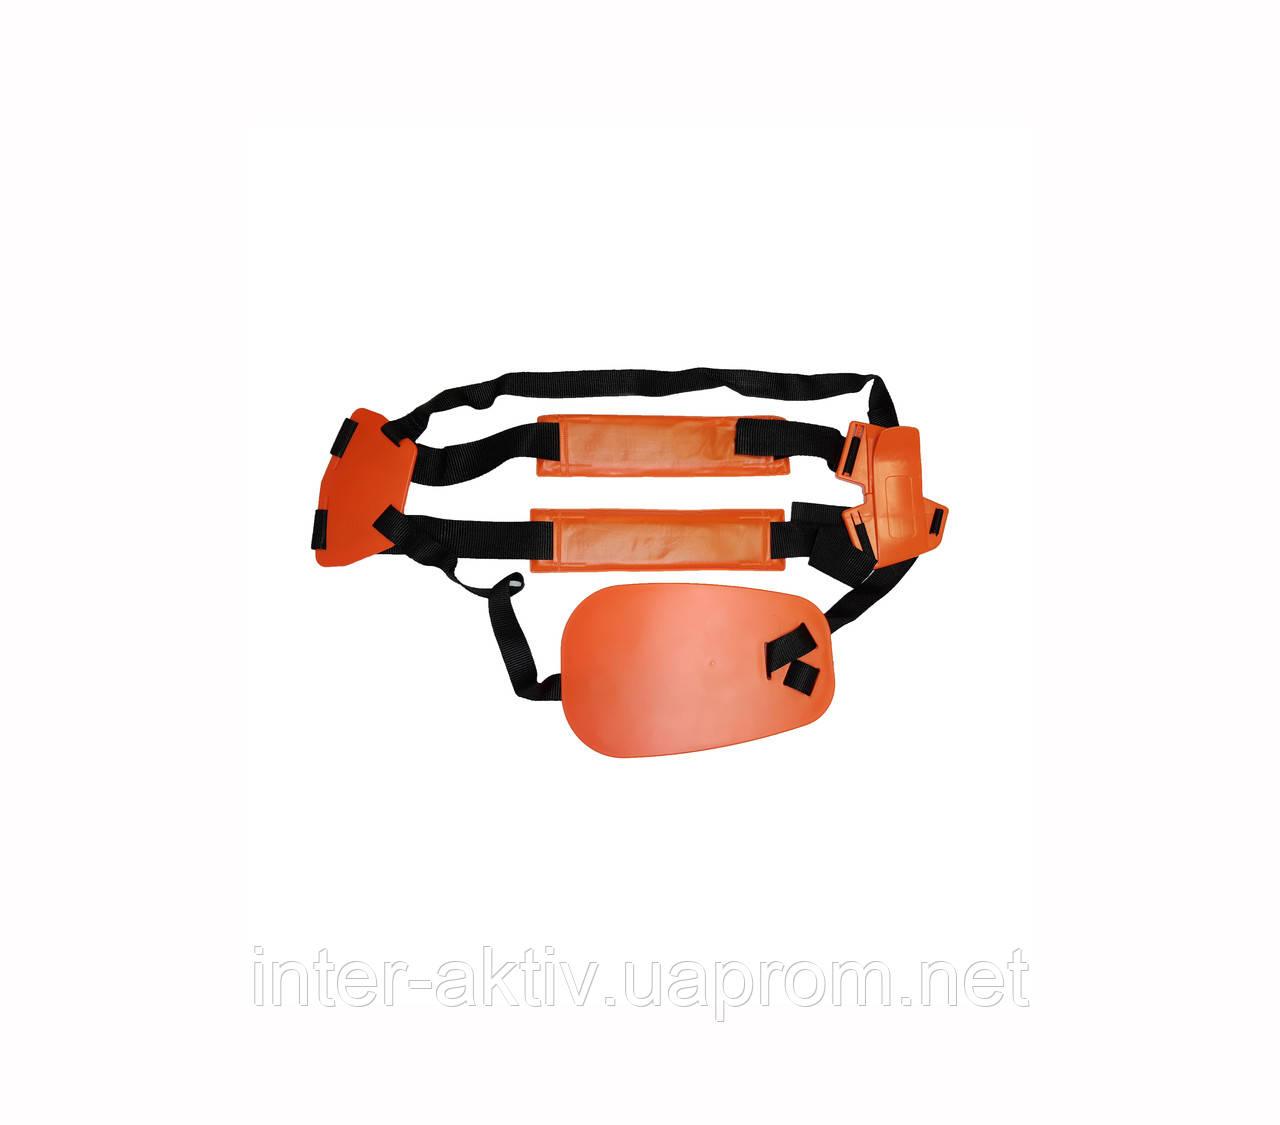 Ремень для бензокосы проф оранж на два плеча